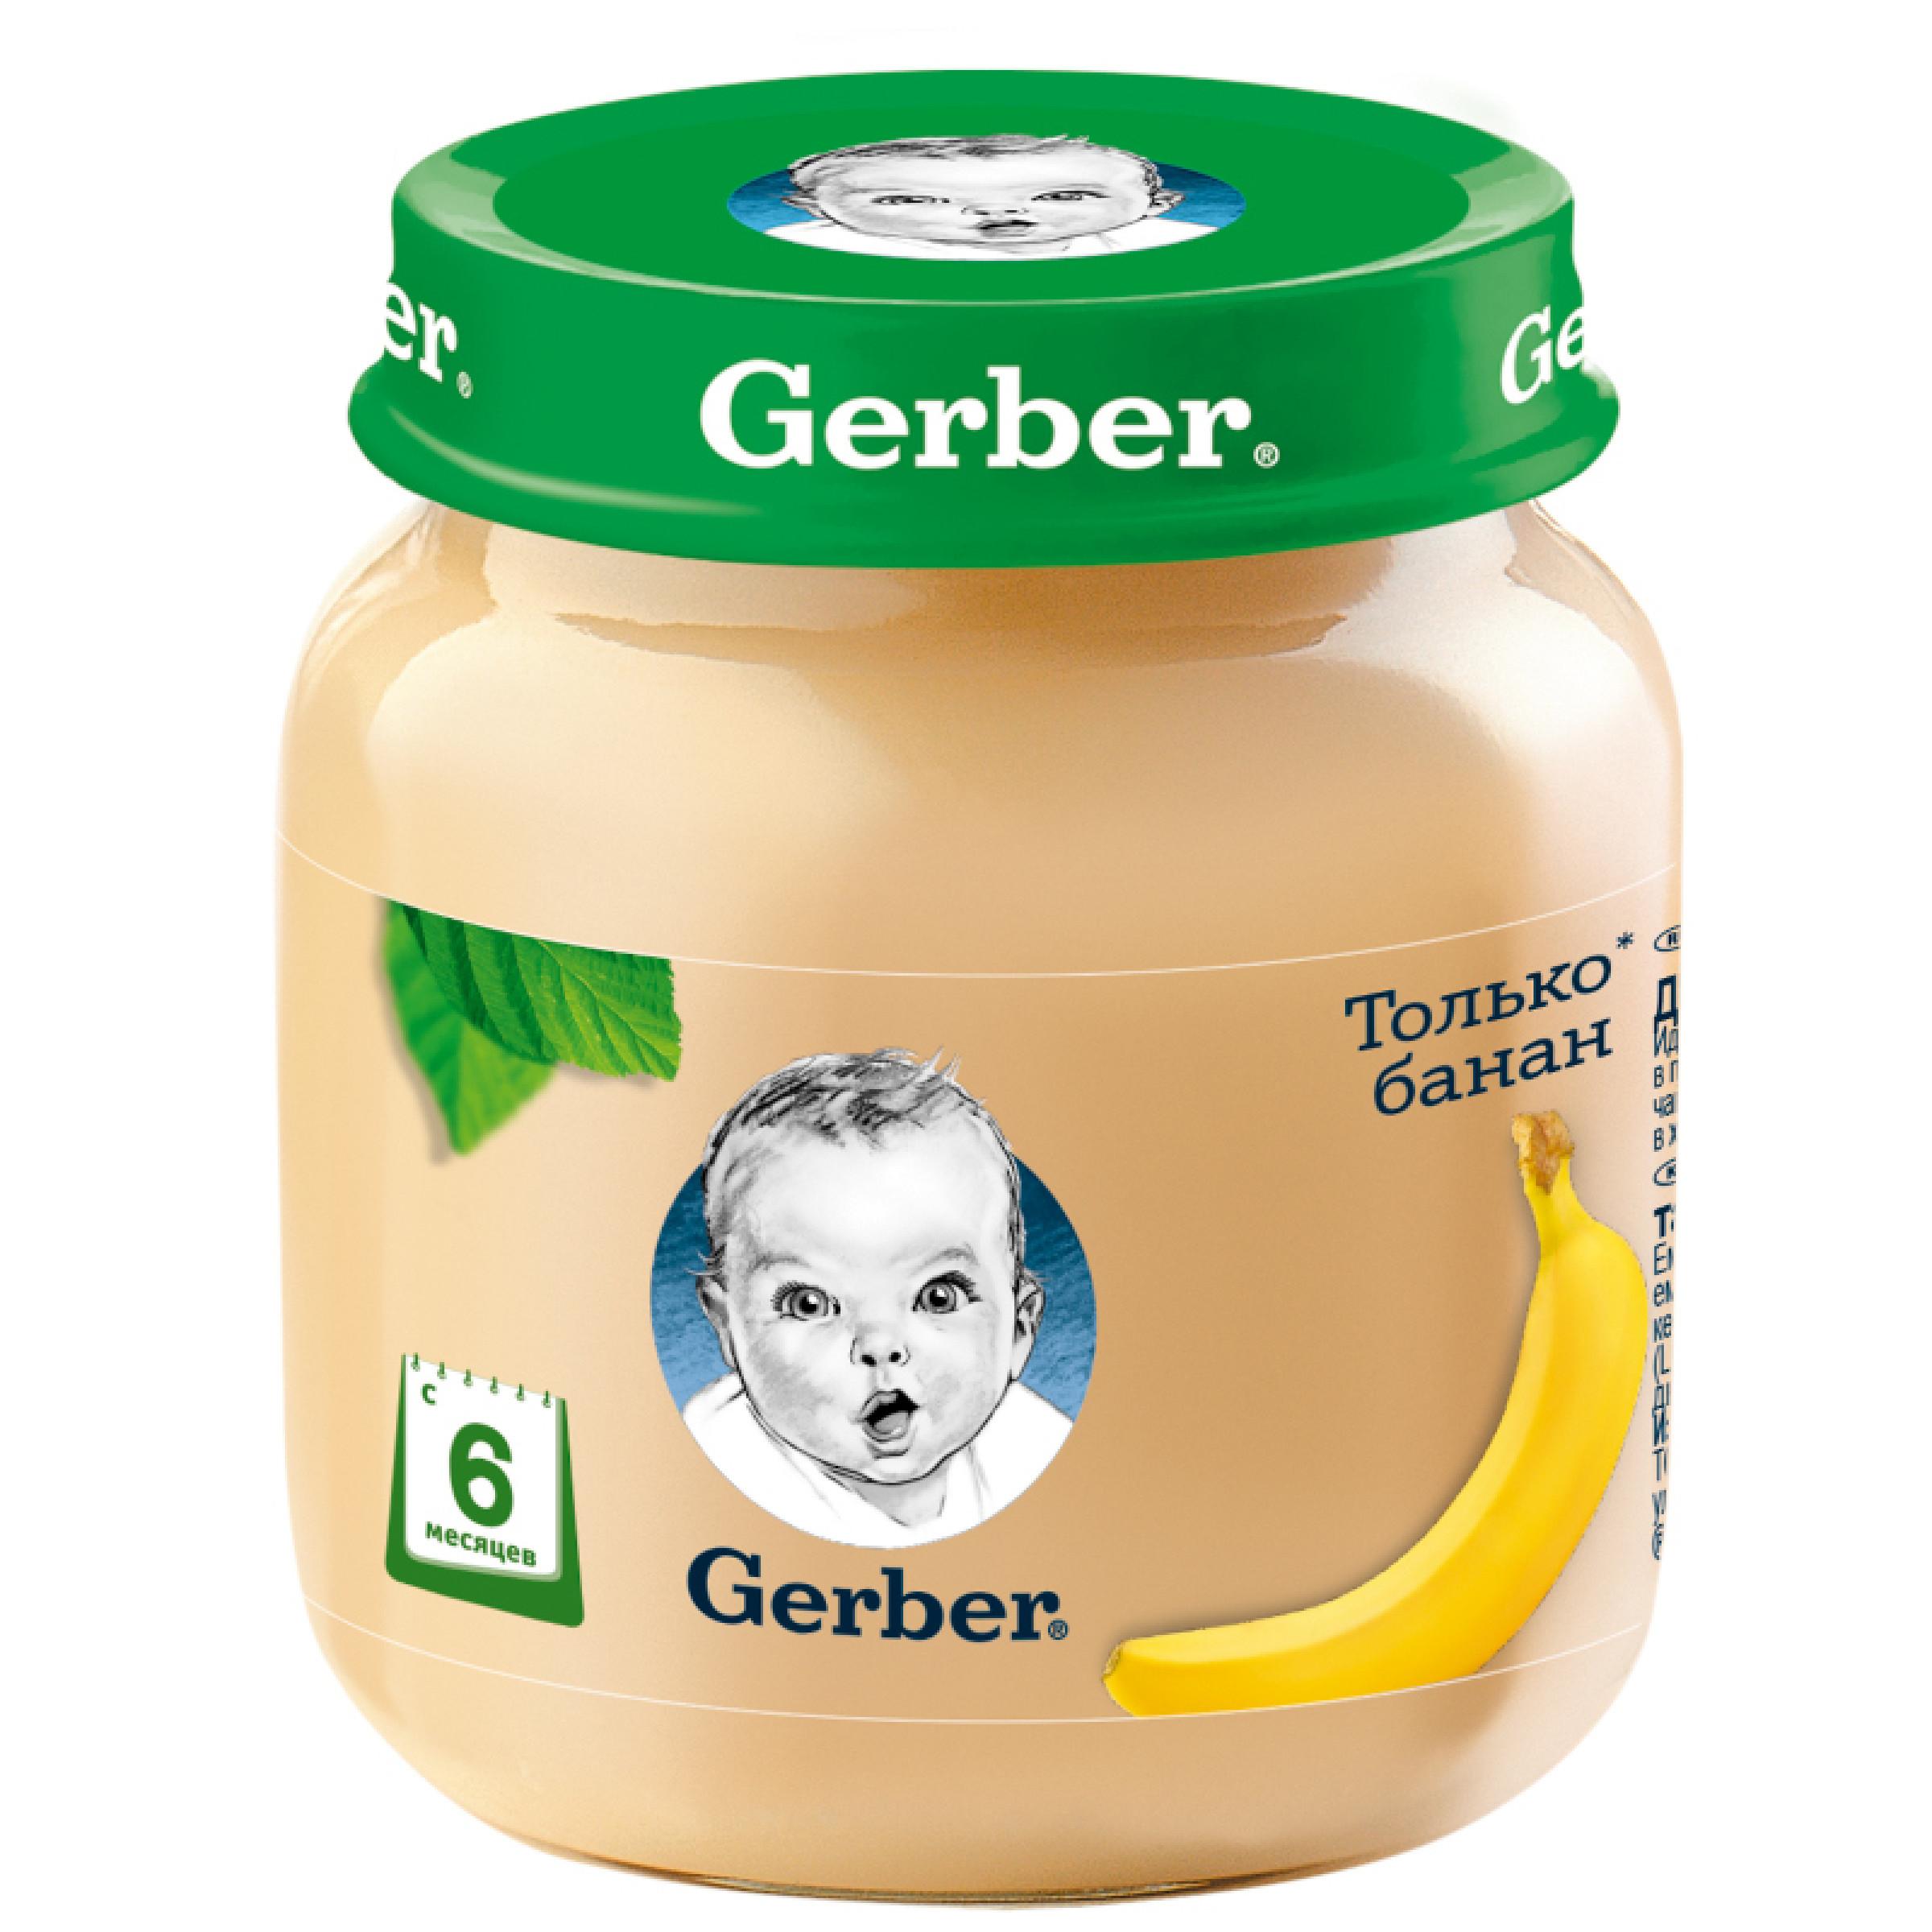 Пюре фруктовое Gerber Только банан 1 ступень, 130гр